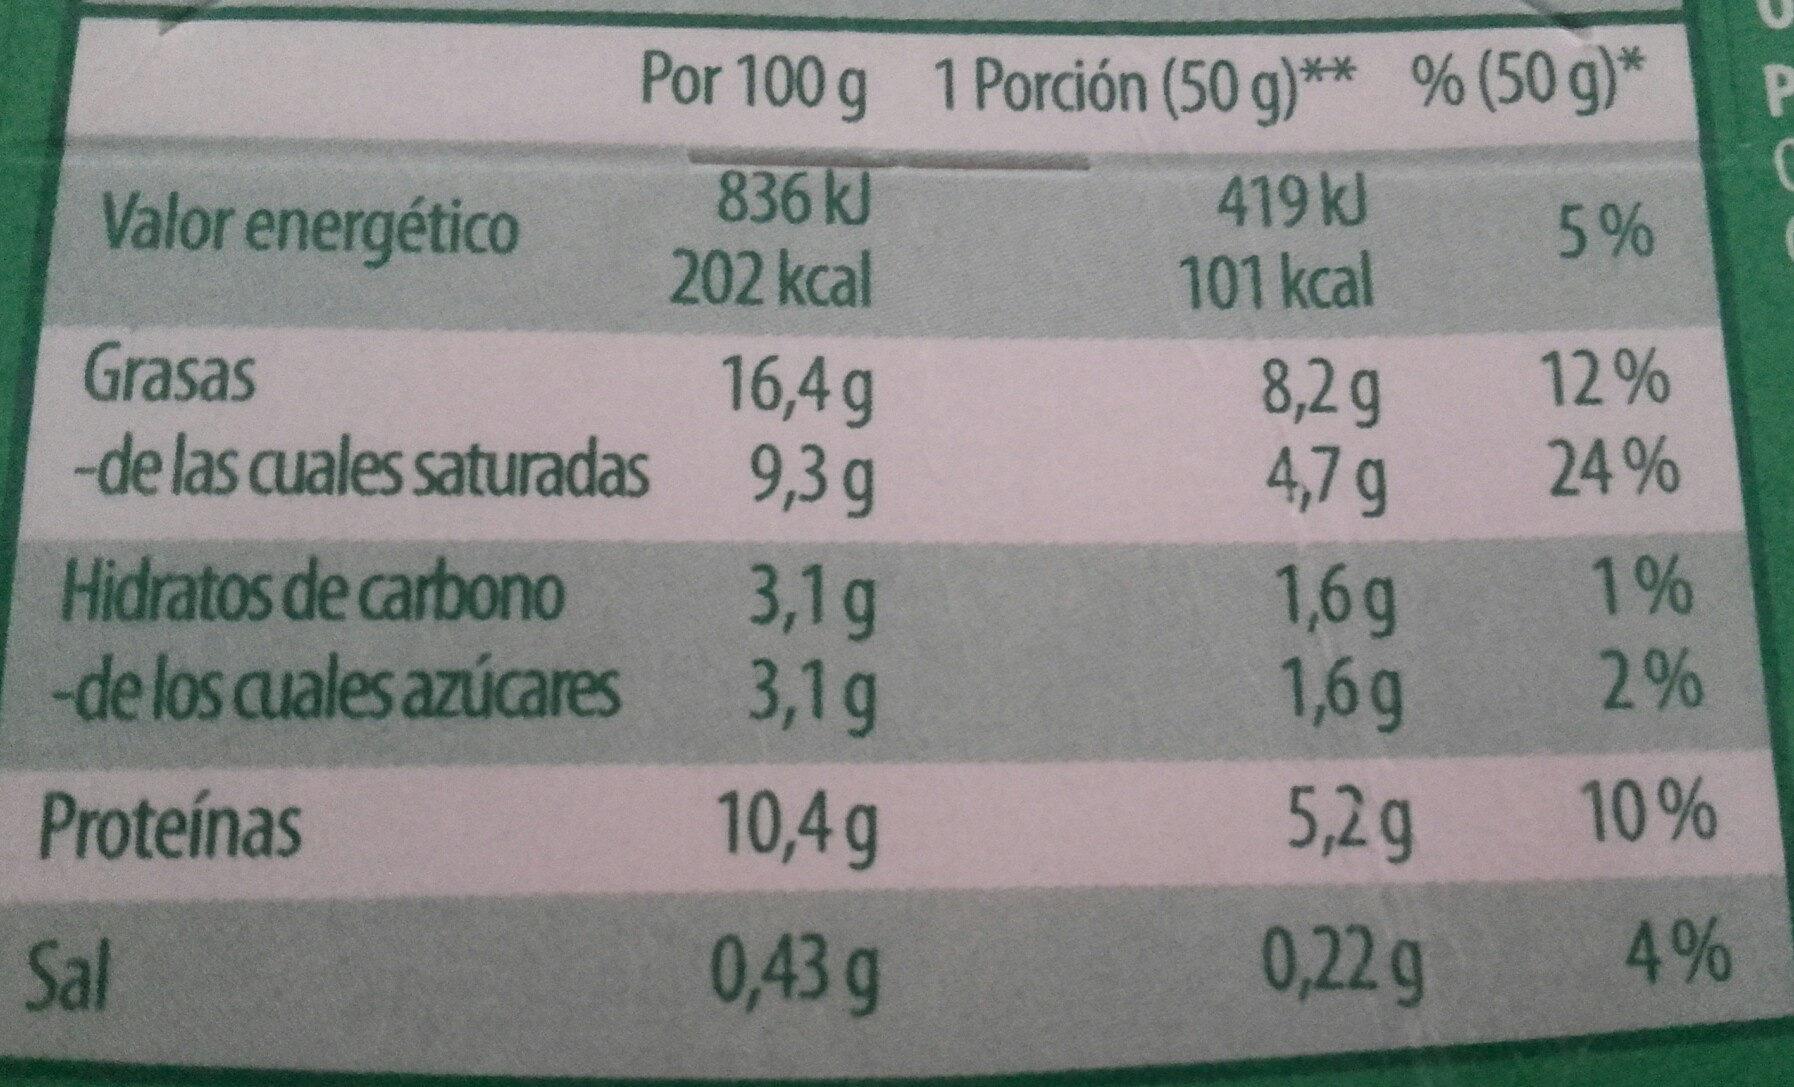 Queso Blanco Pasteurizado de Cabra - Información nutricional